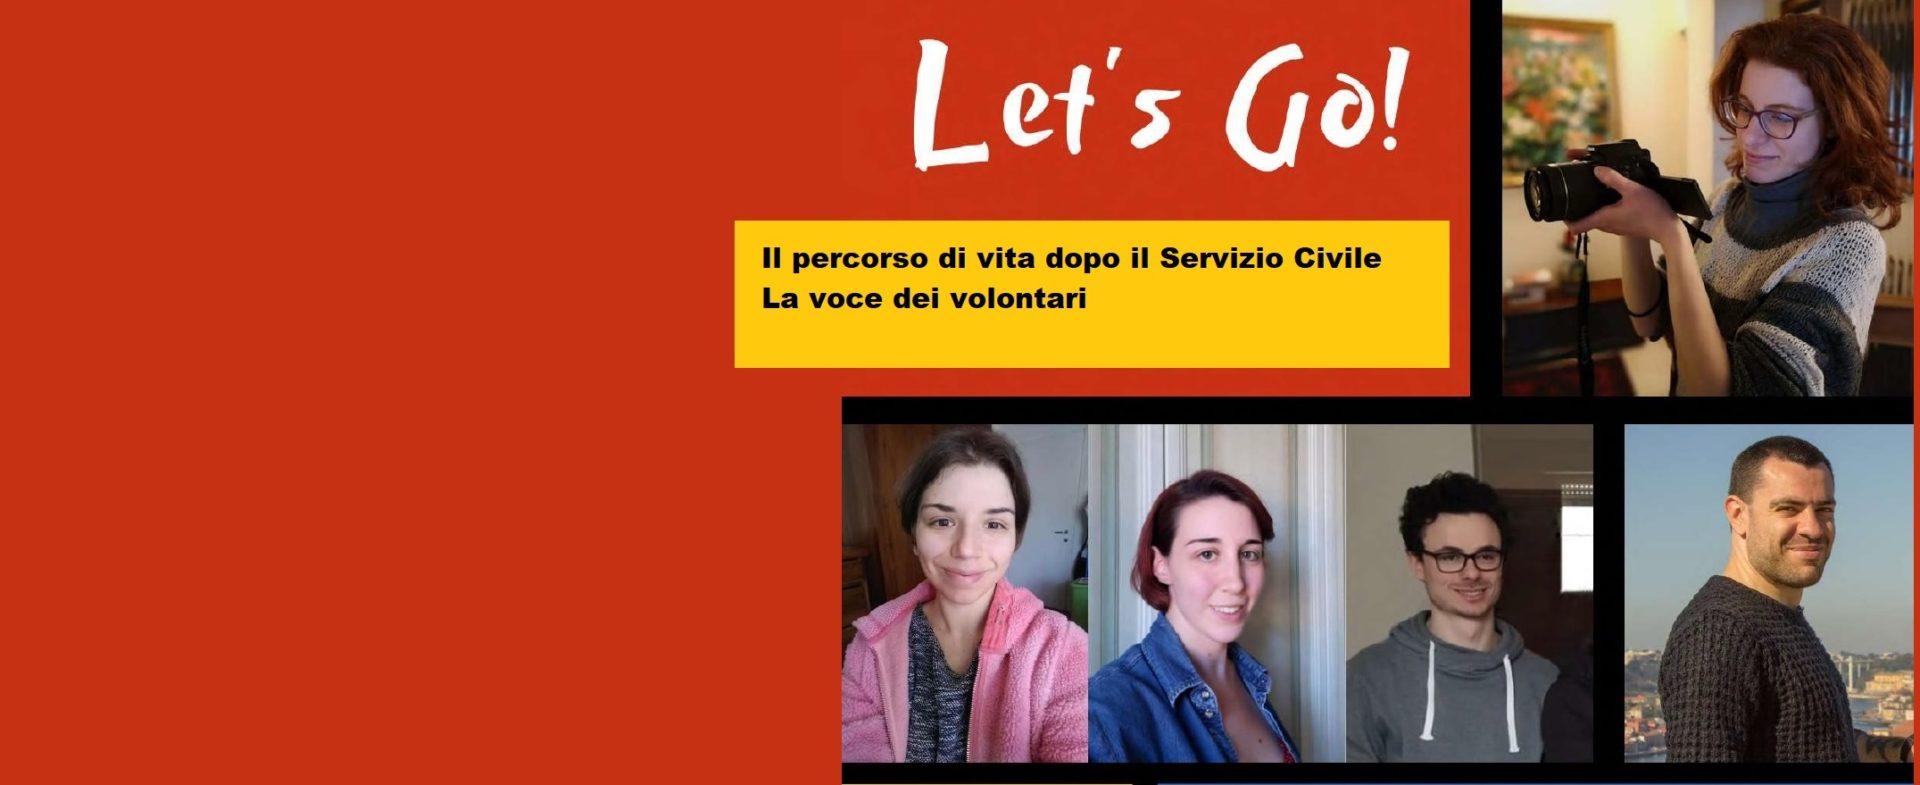 Let's Go, il progetto degli ex volontari di Servizio Civile